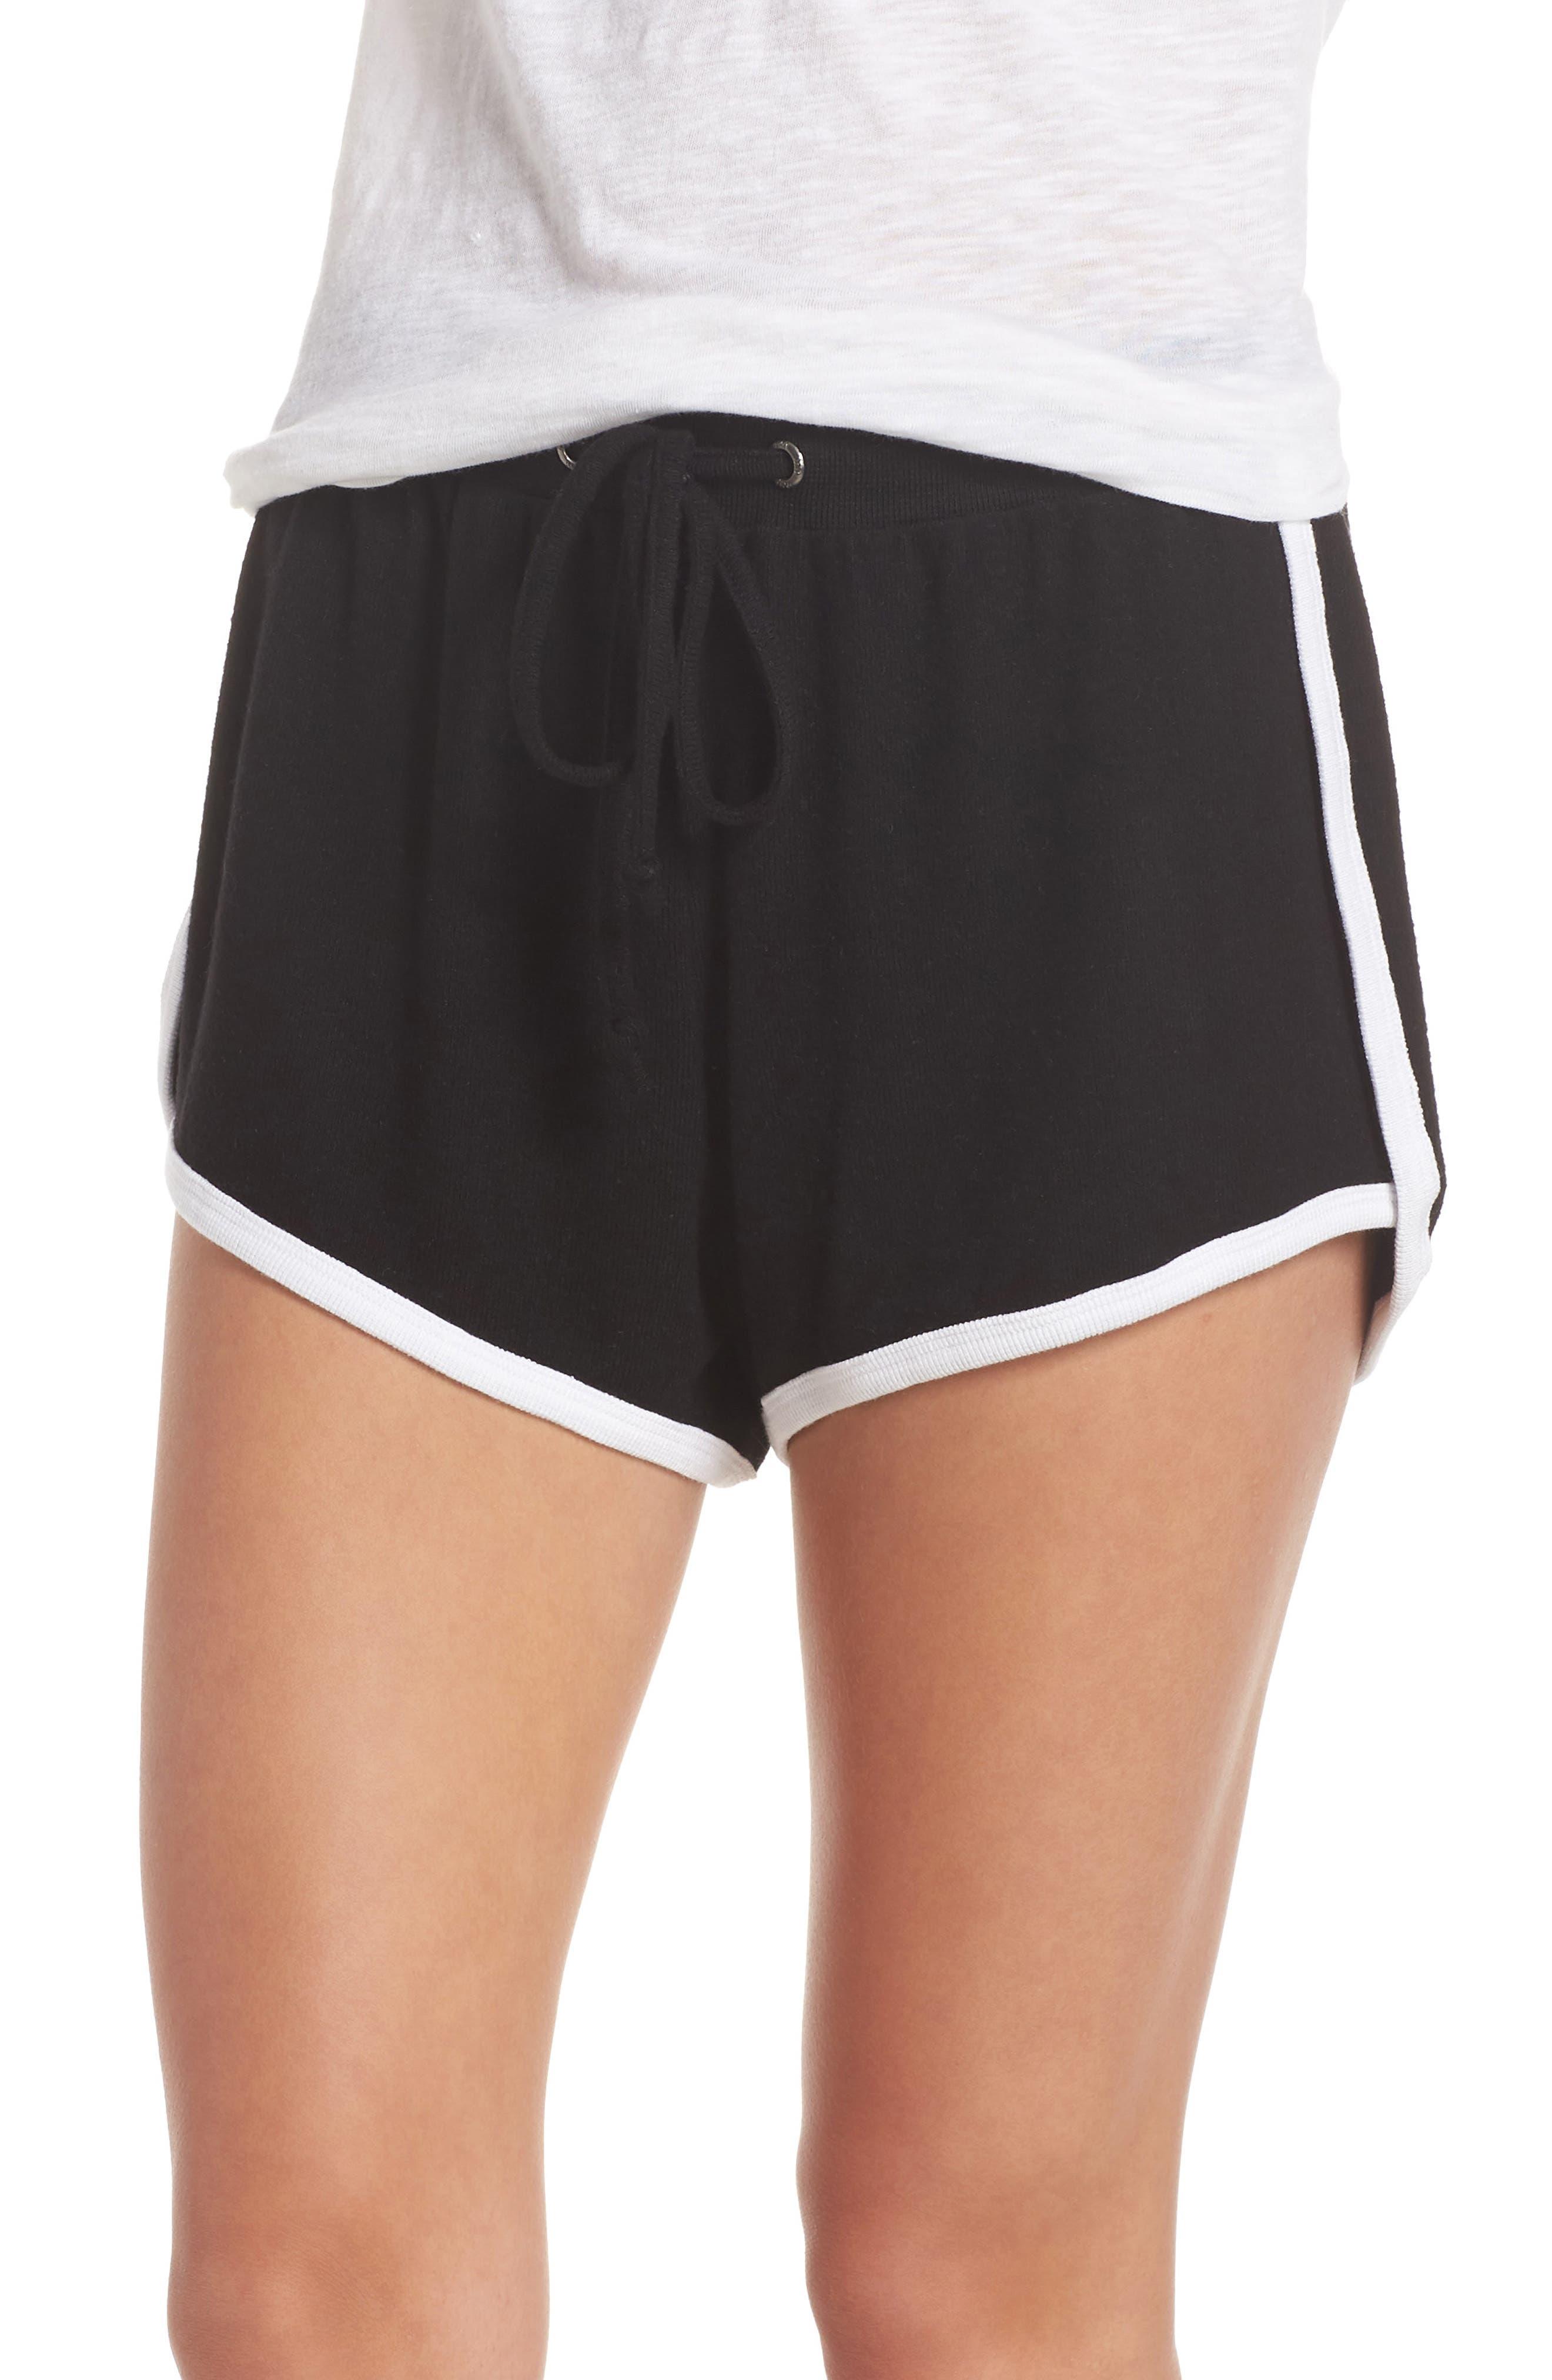 Too Cool Shorts,                             Main thumbnail 1, color,                             BLACK